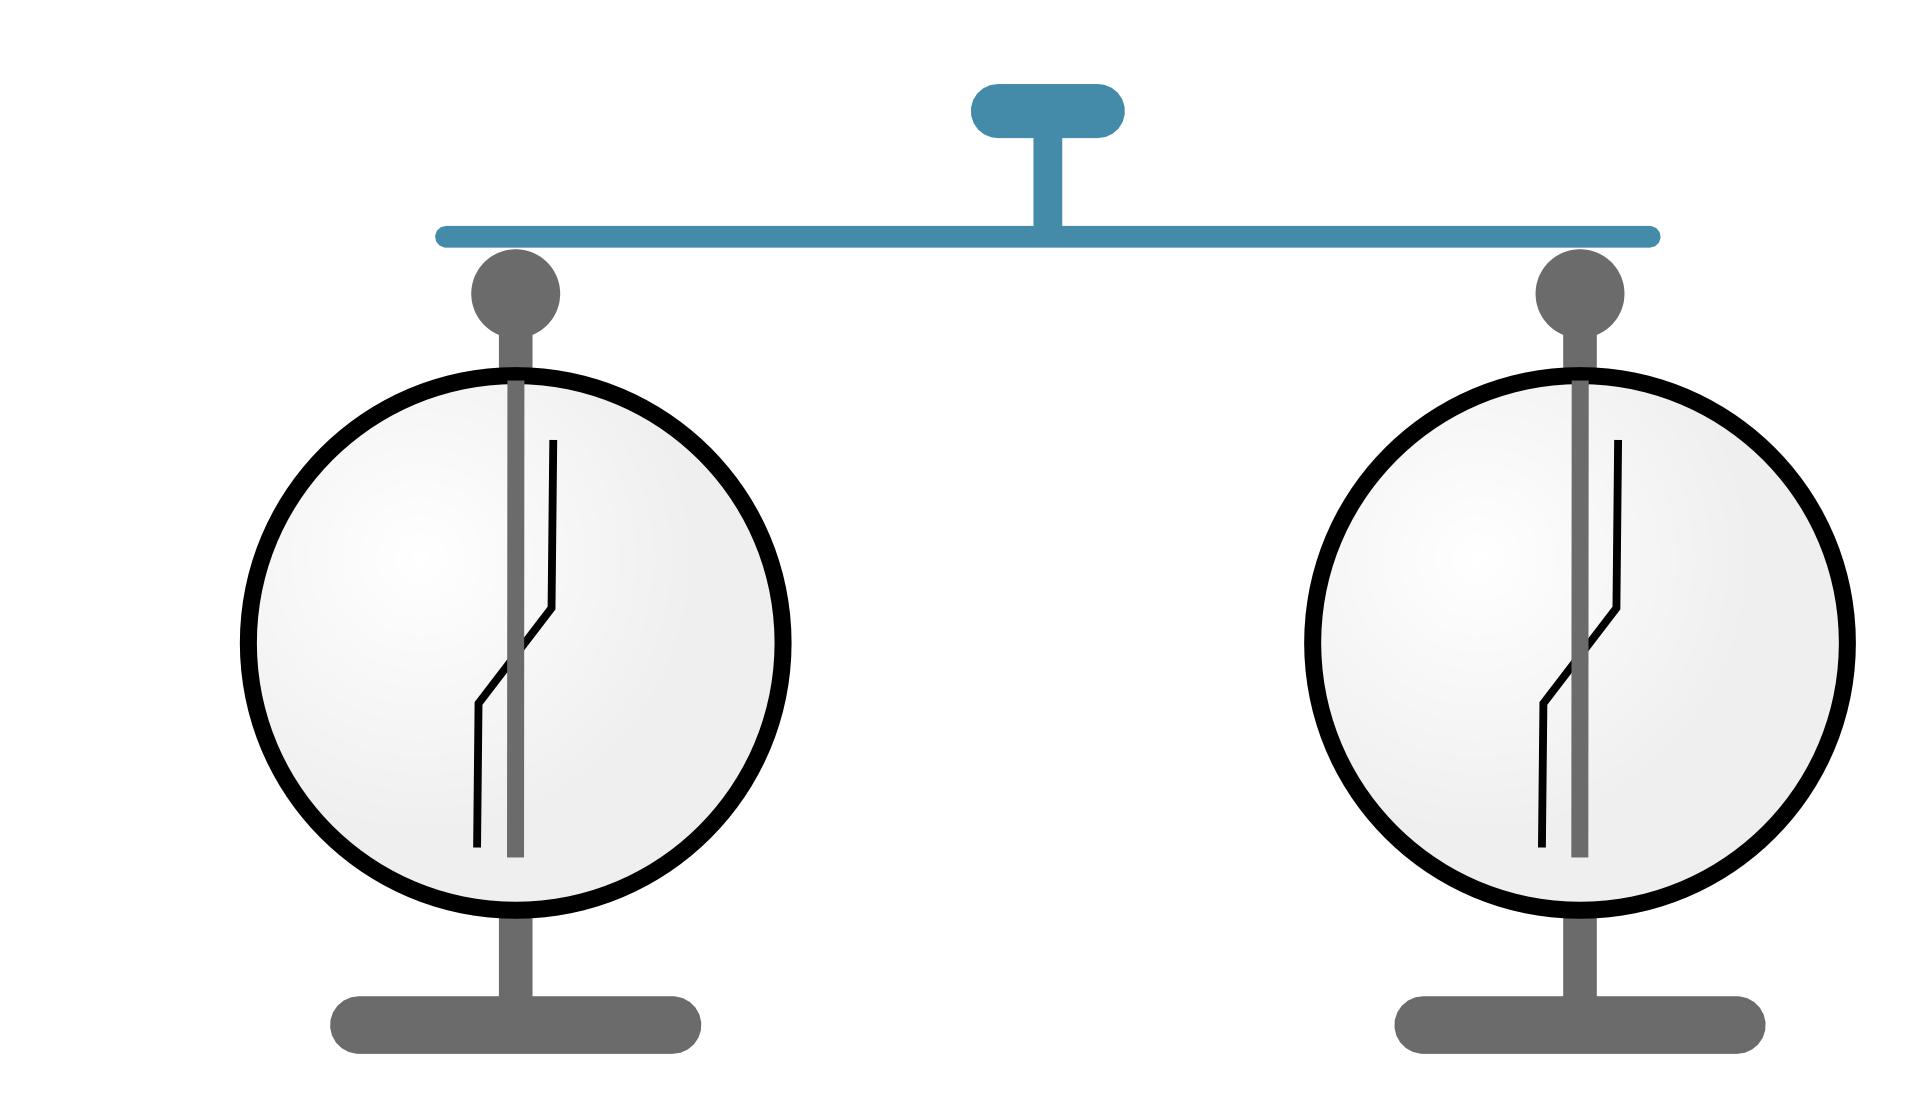 Ilustracja przedstawia dwa elektroskopy. Elektroskopy stoją obok siebie. Elektroskopy przestawione są jako symboliczne schematy. Górna część elektroskopu to duży okrąg. Okrąg ułożony jest na podstawce. Na szczycie okręgu elektroskopu znajduje się głowica. Głowica to mała kula spoczywająca na krótkiej podpórce. Głowice połączone są poziomą linią. Pozioma linia to łącznik. Na środku poziomego łącznika znajduje się krótka czerwona linia. Jest to izolowany uchwyt. Wewnątrz okręgu elektroskopu znajdują się dwie czarne linie krzyżujące się dokładnie wpołowie długości. Pionowa linia połączona zgłowicą to pręcik. Pręcik nie dotyka dna okręgu. Wpołowie pręcika zawieszony jest listek. Listek to zakrzywiona linia. Listek jest ruchomy. Listek może odchylać się od pręcika wtrakcie doświadczenia.